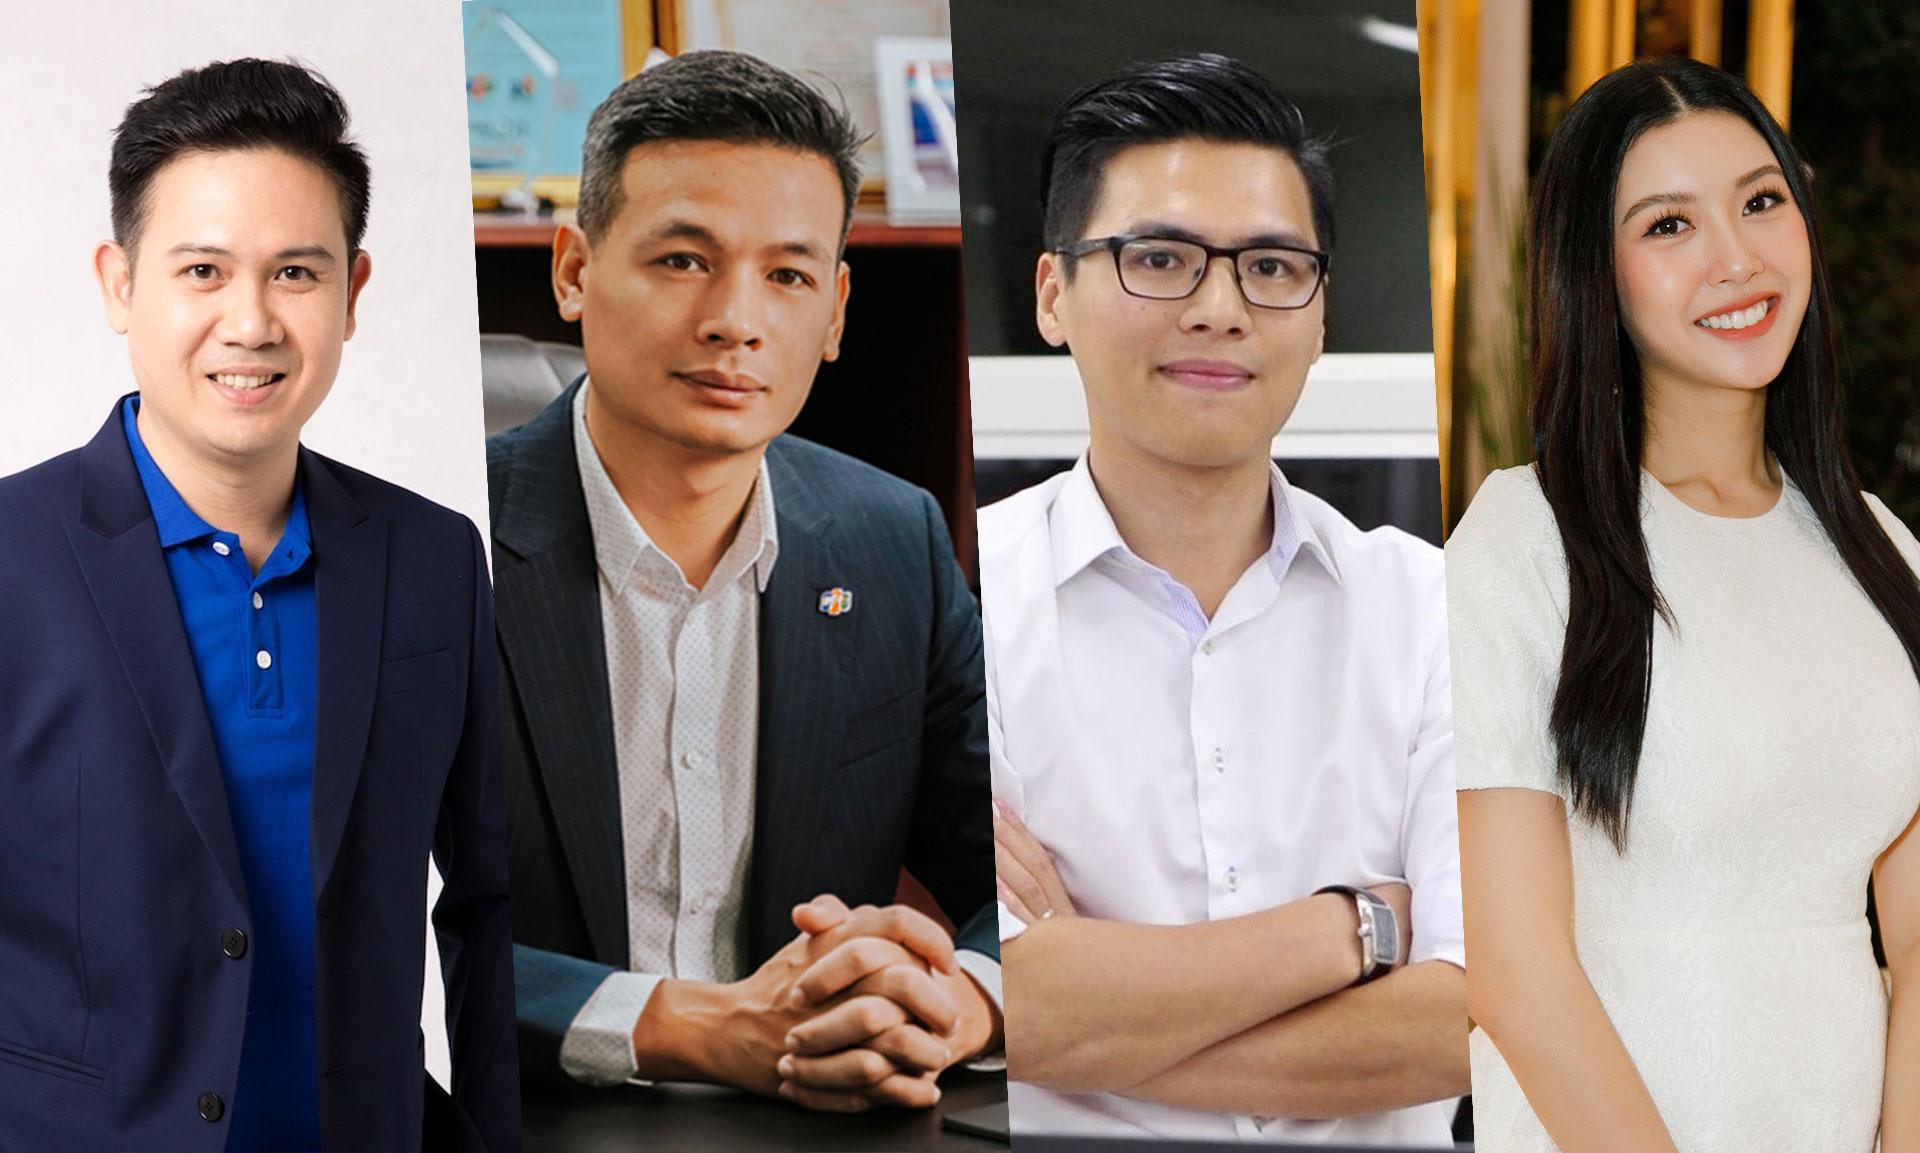 Từ trái qua phải: ông Phạm Văn Tam, ông Vũ Anh Tú, ông Phạm Quang Cường và Á hậu Quốc tế Thuý Vân.